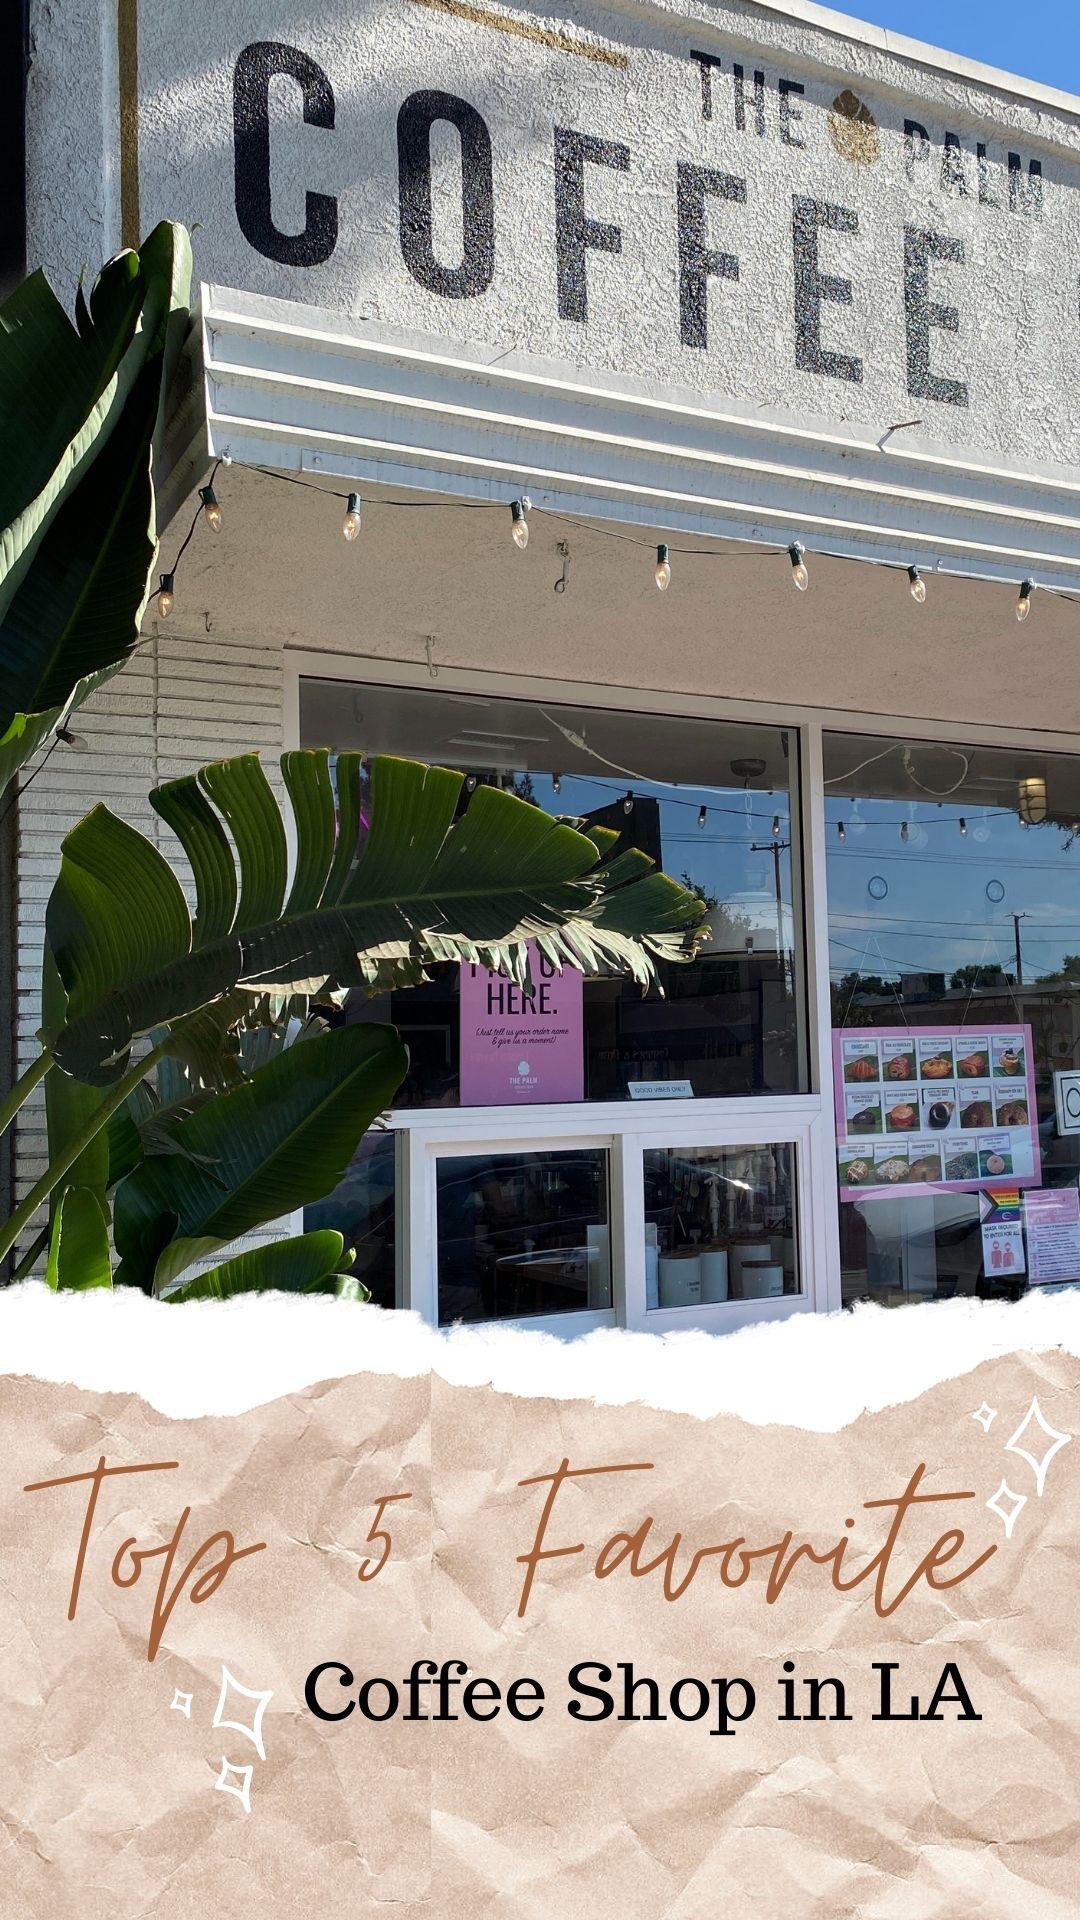 Top 5 Favorite Coffee Shops in Los Angeles